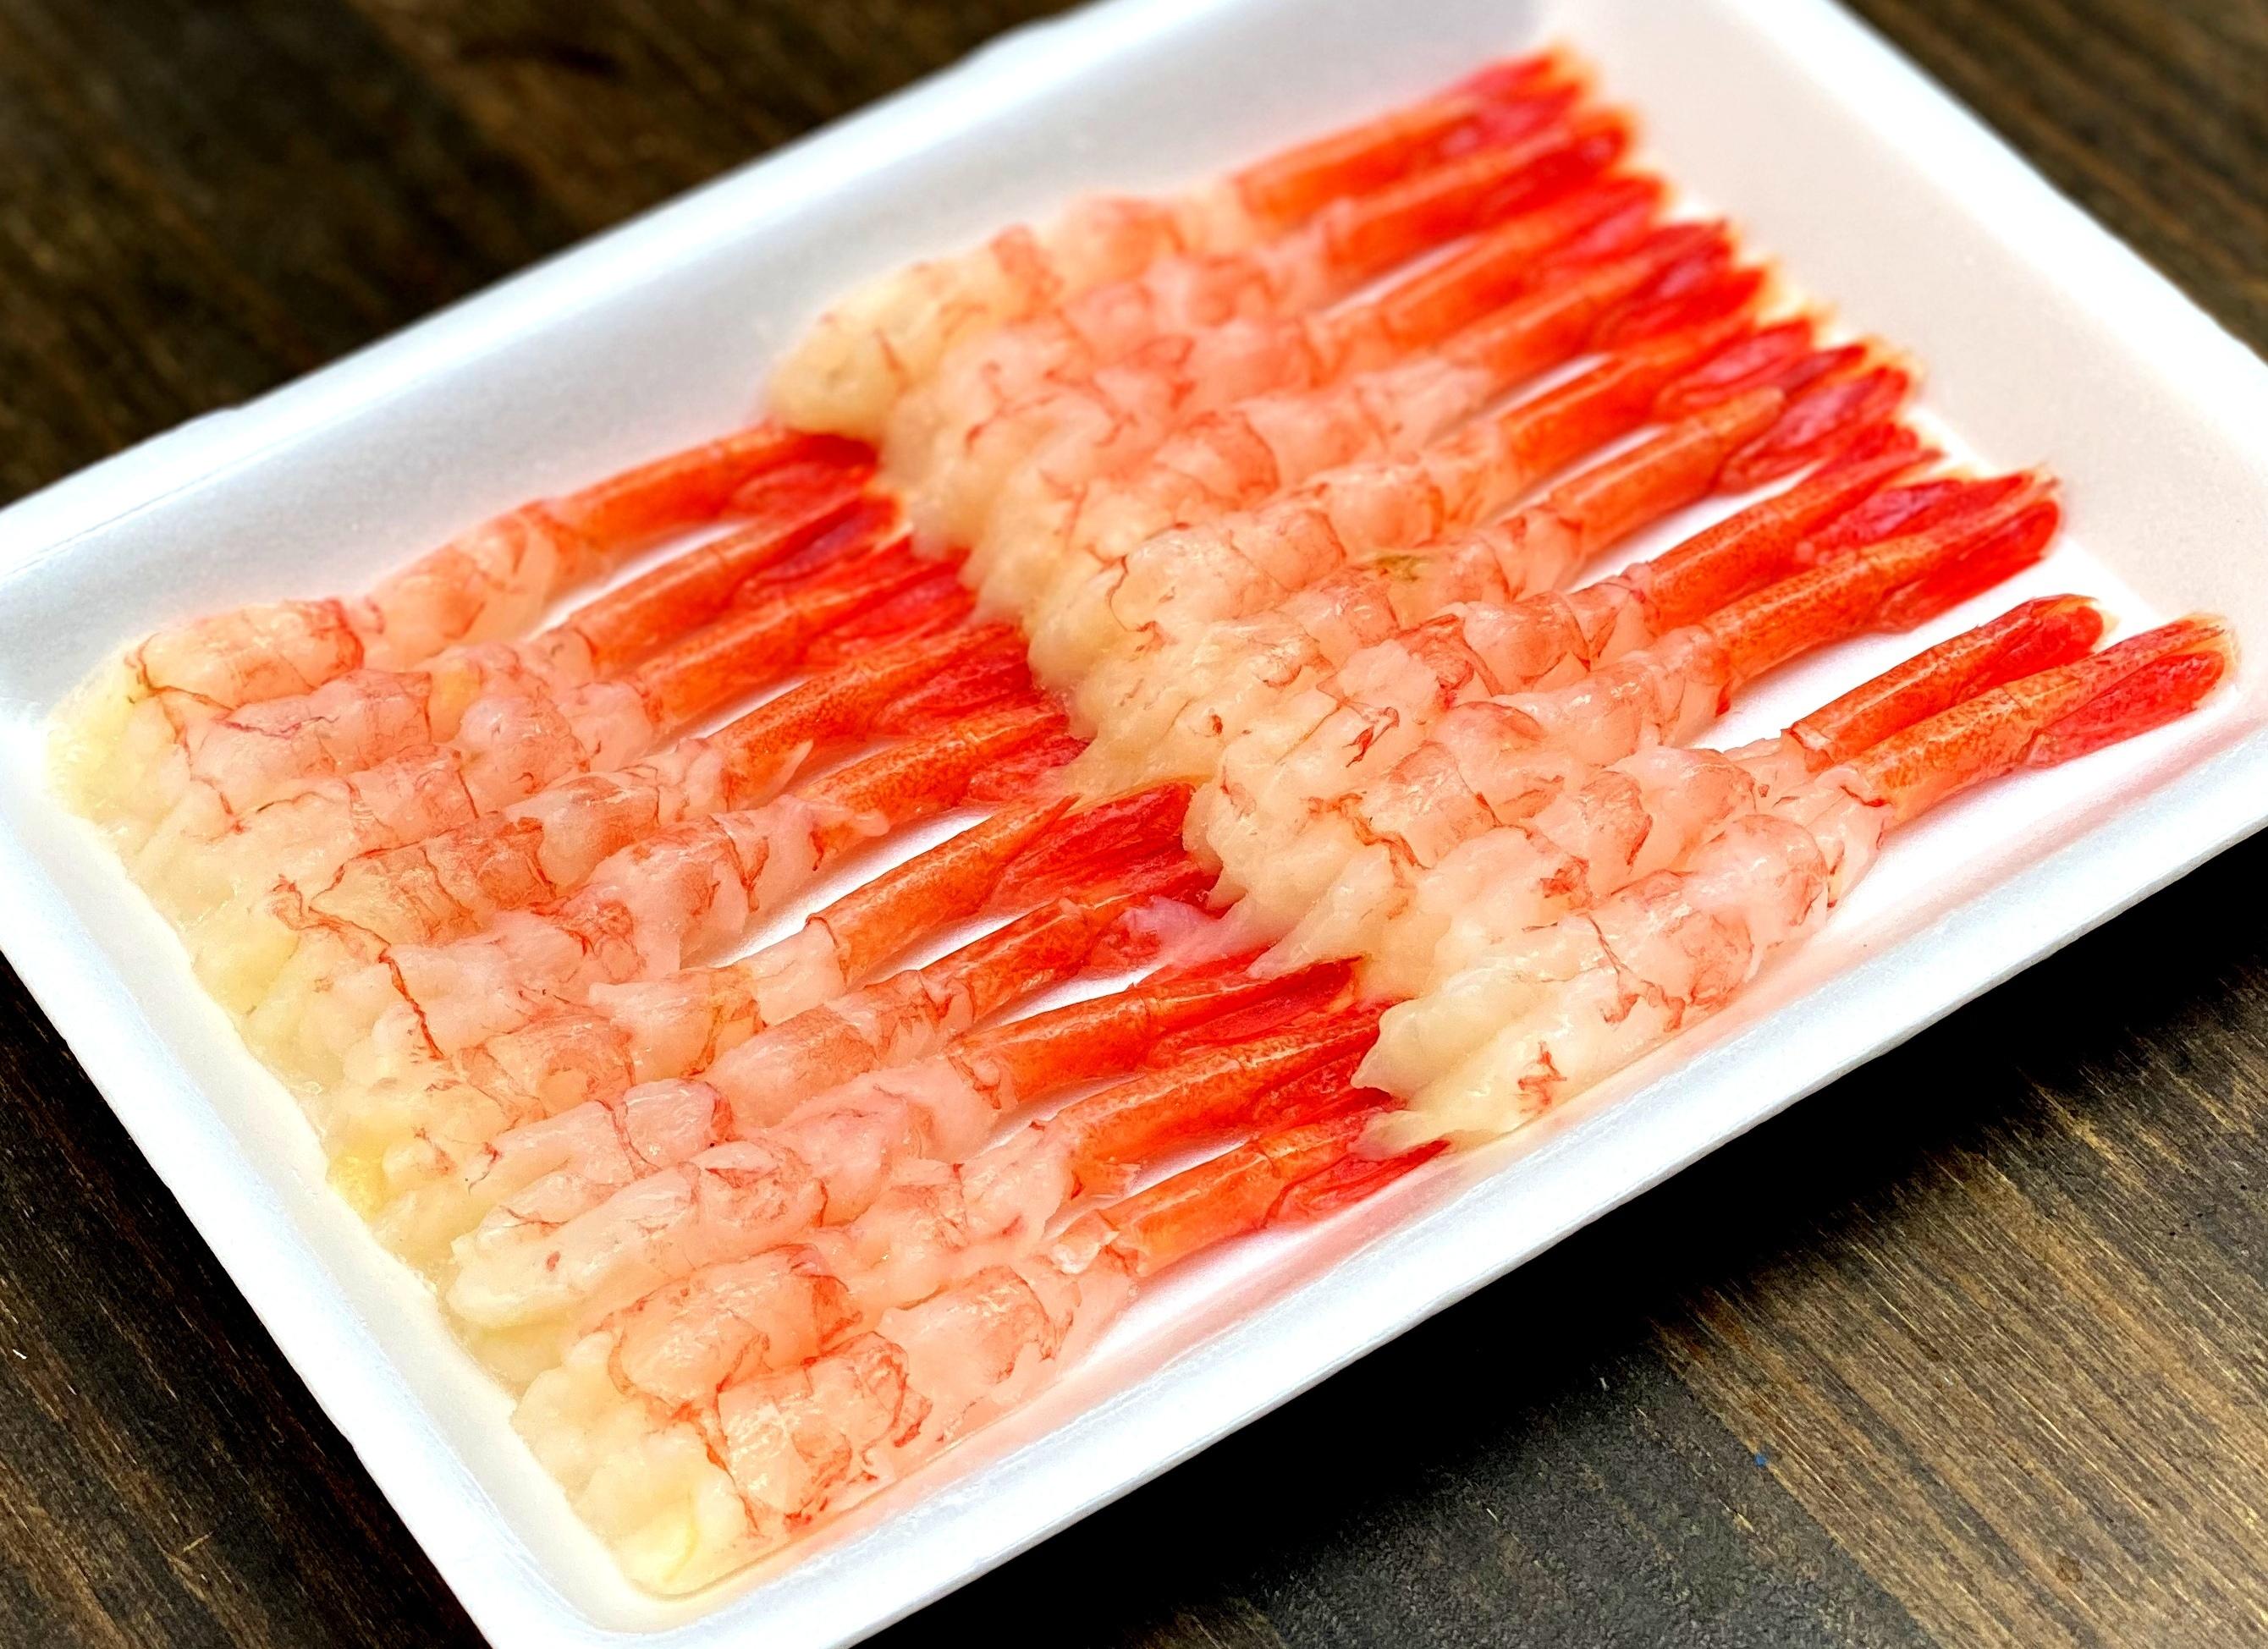 【一般のお客様大歓迎】210 冷凍 尾付きむき甘海老 3LUサイズ(大)20尾入 380円(税込)